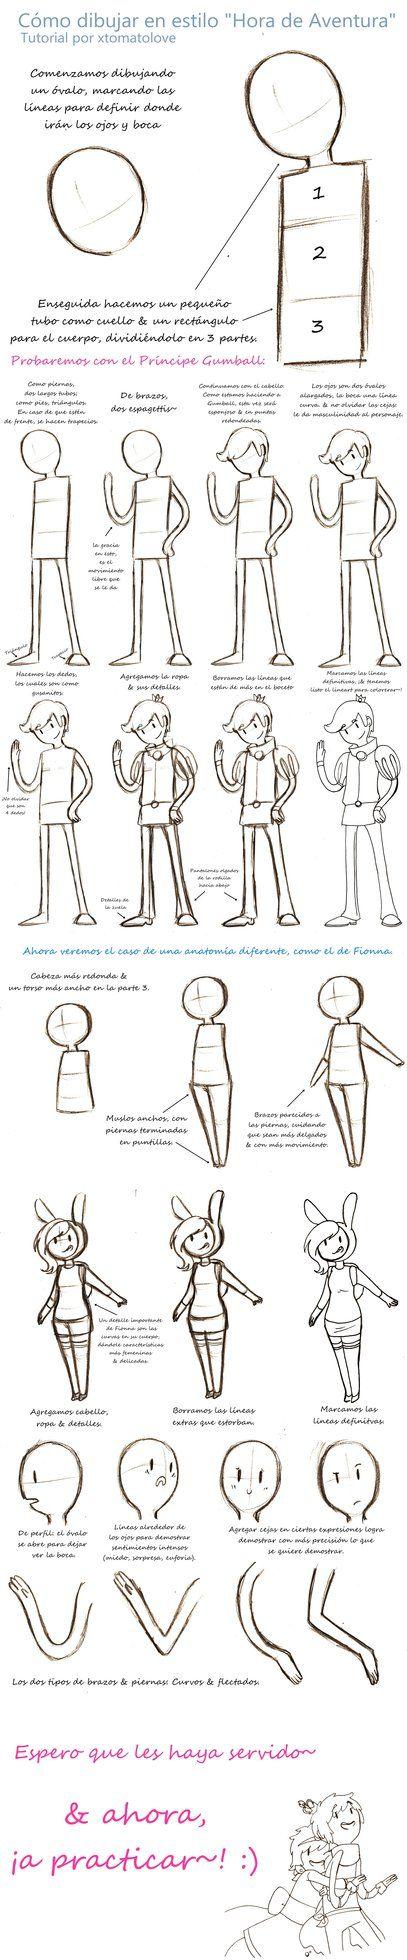 Como dibujar en estilo Hora de Aventura TUTORIAL by xtomatolove